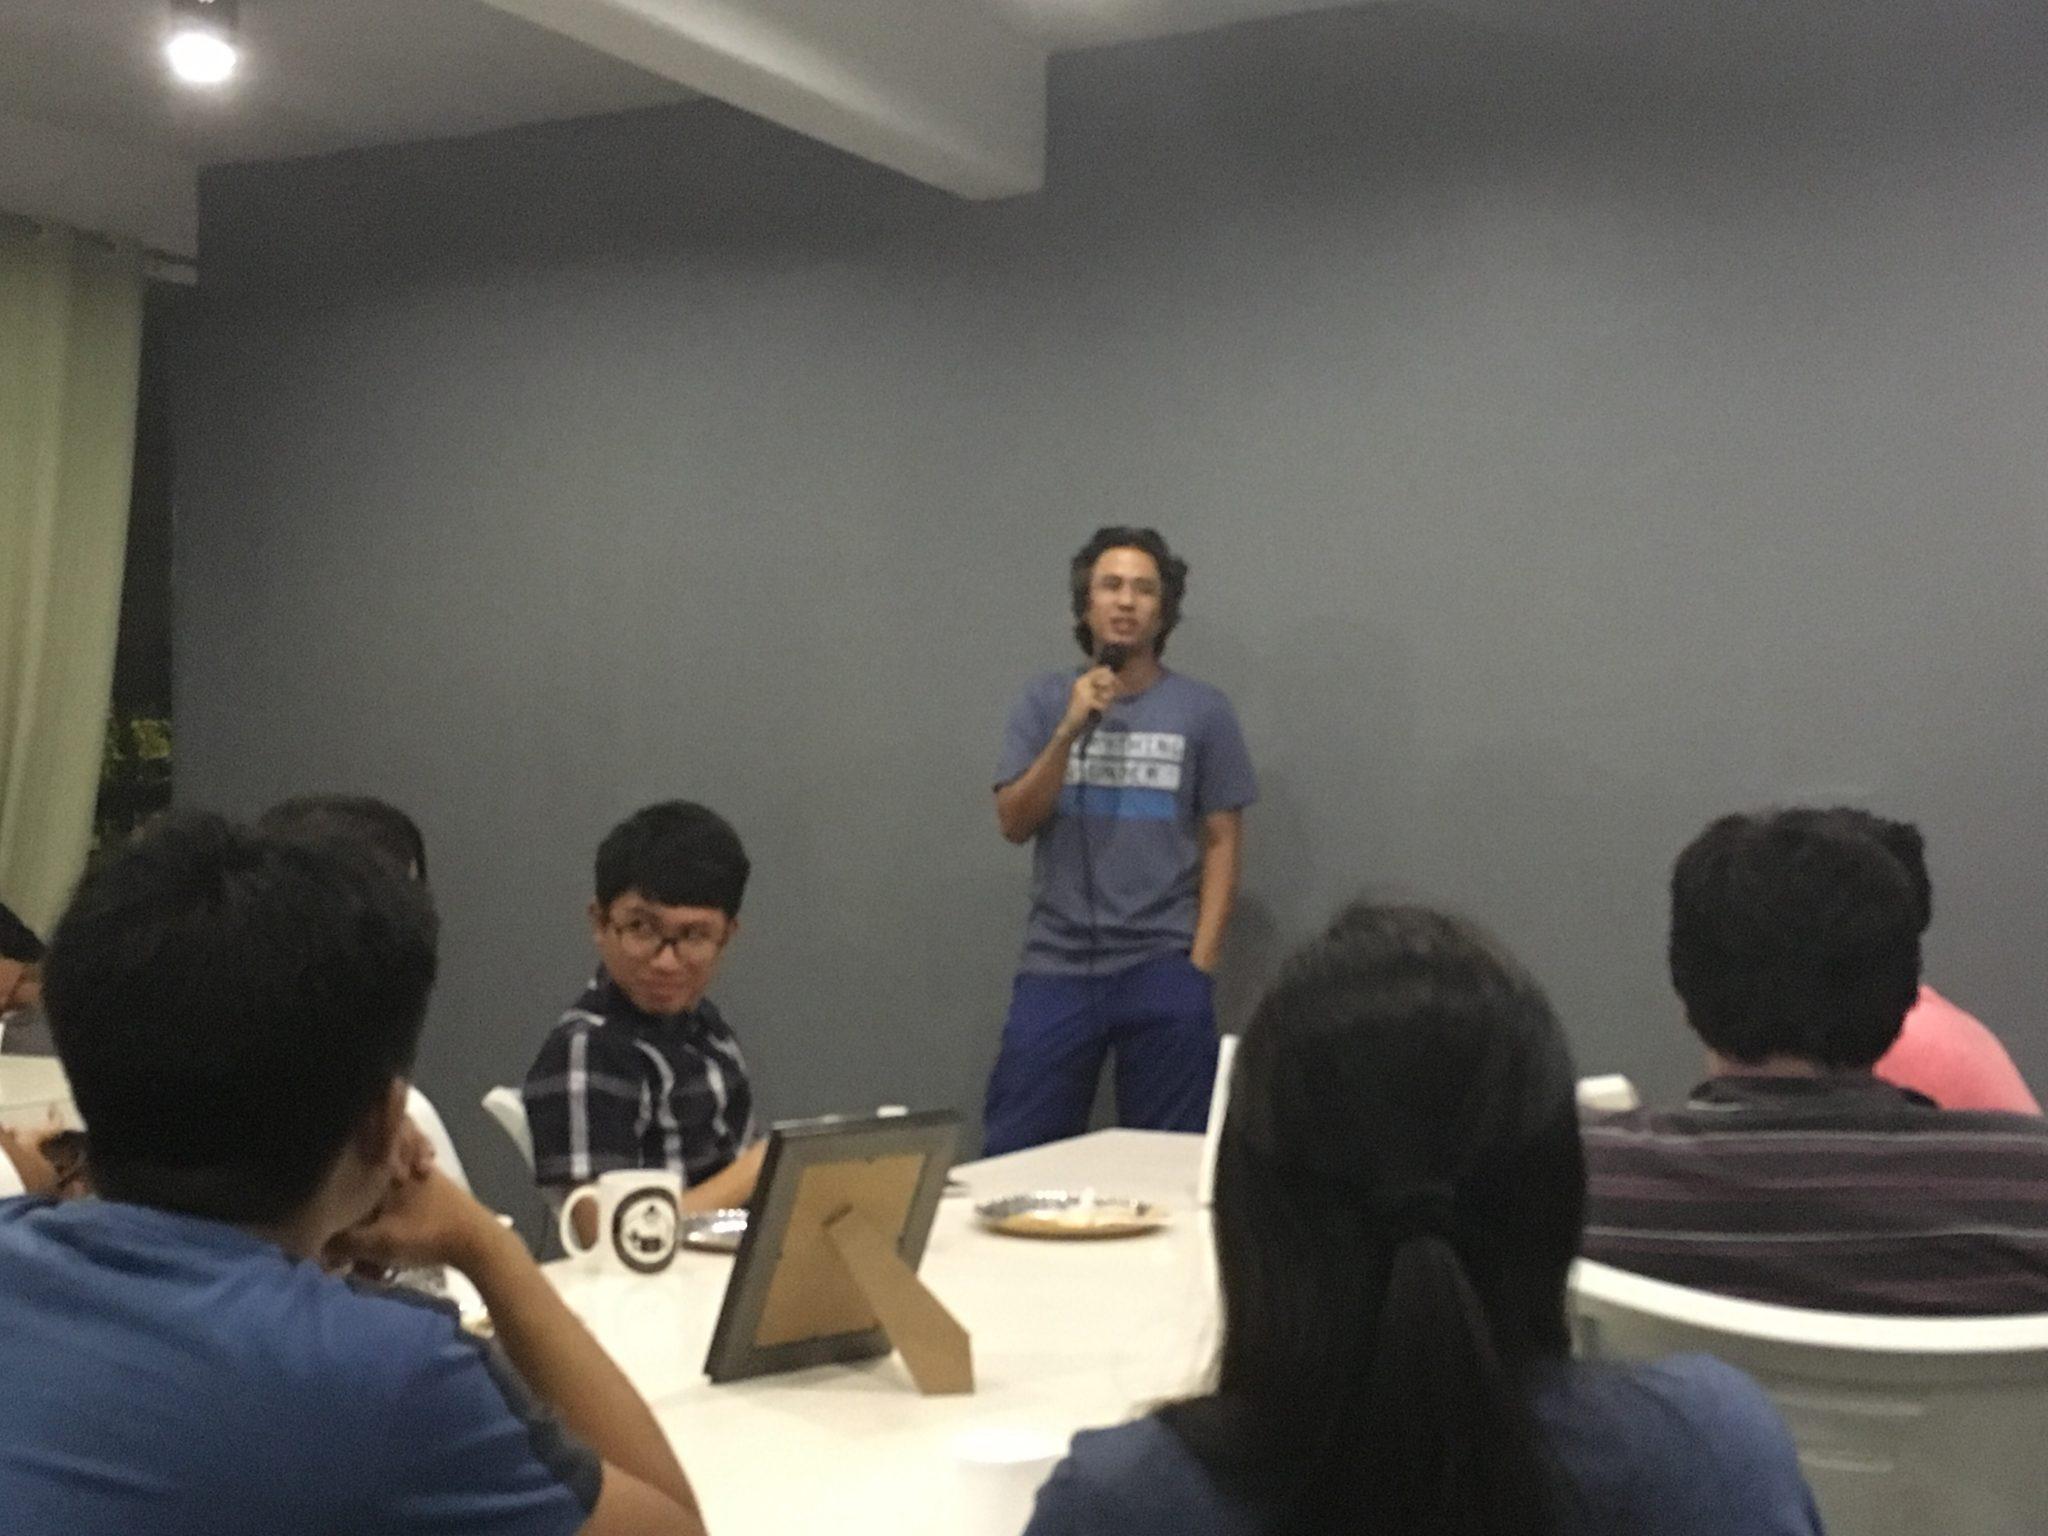 Jet Dario, DevCon Lead sharing how DevCon Iloilo started